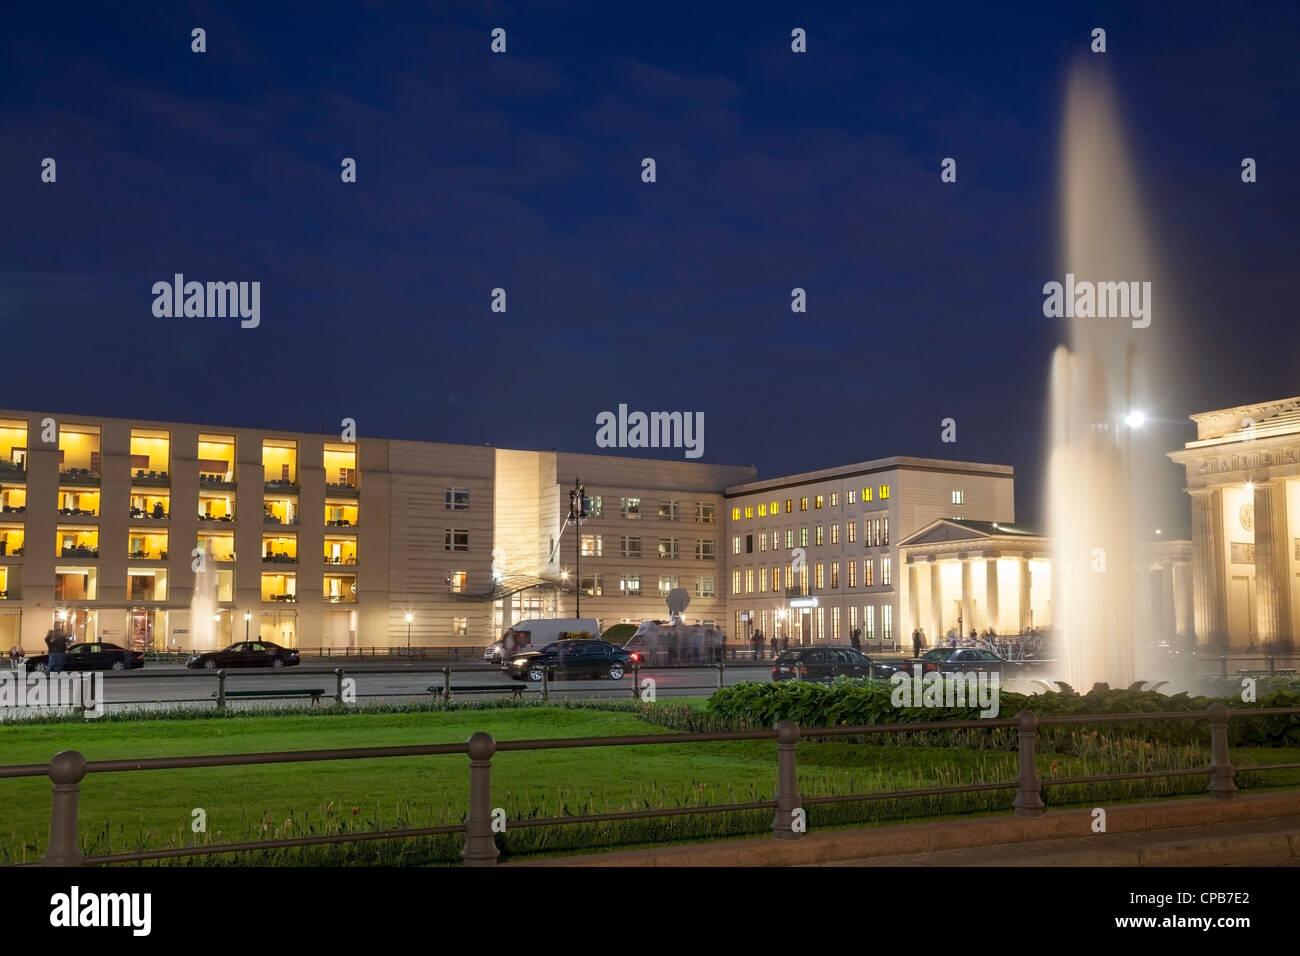 Pariser Platz, Berlin, Deutschland Stockfoto